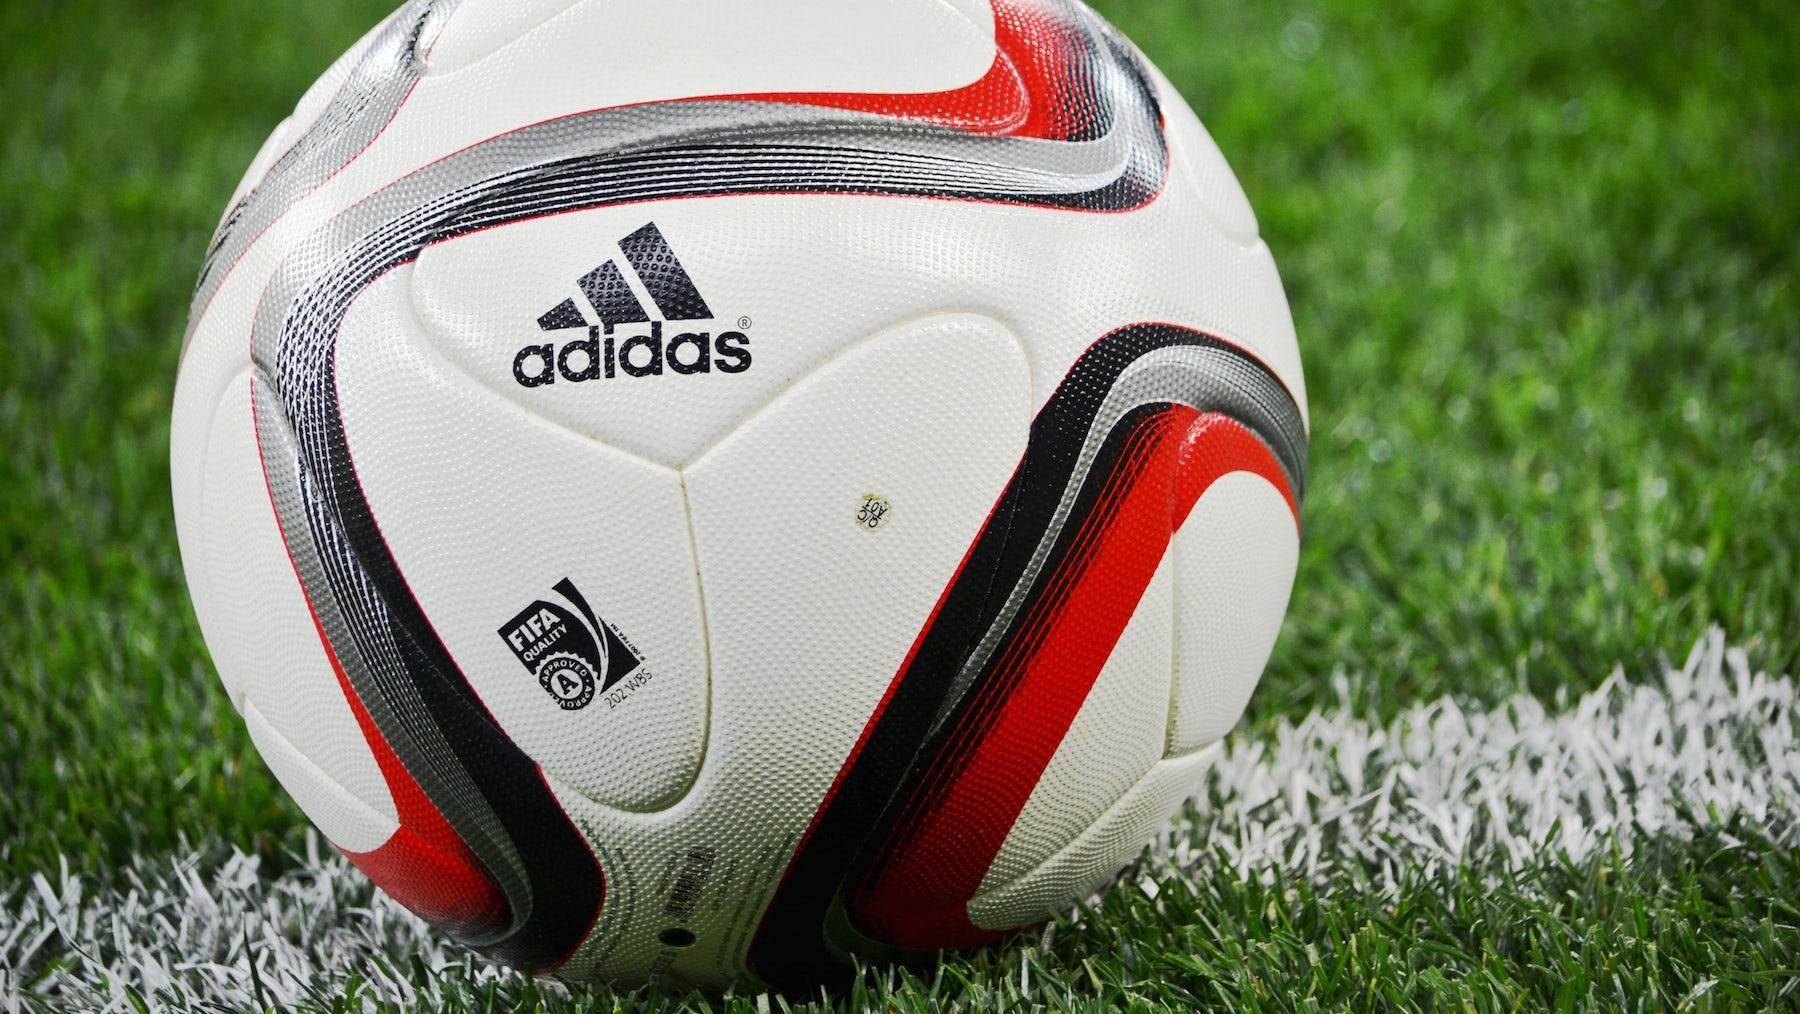 Adidas football | Source: Shutterstock